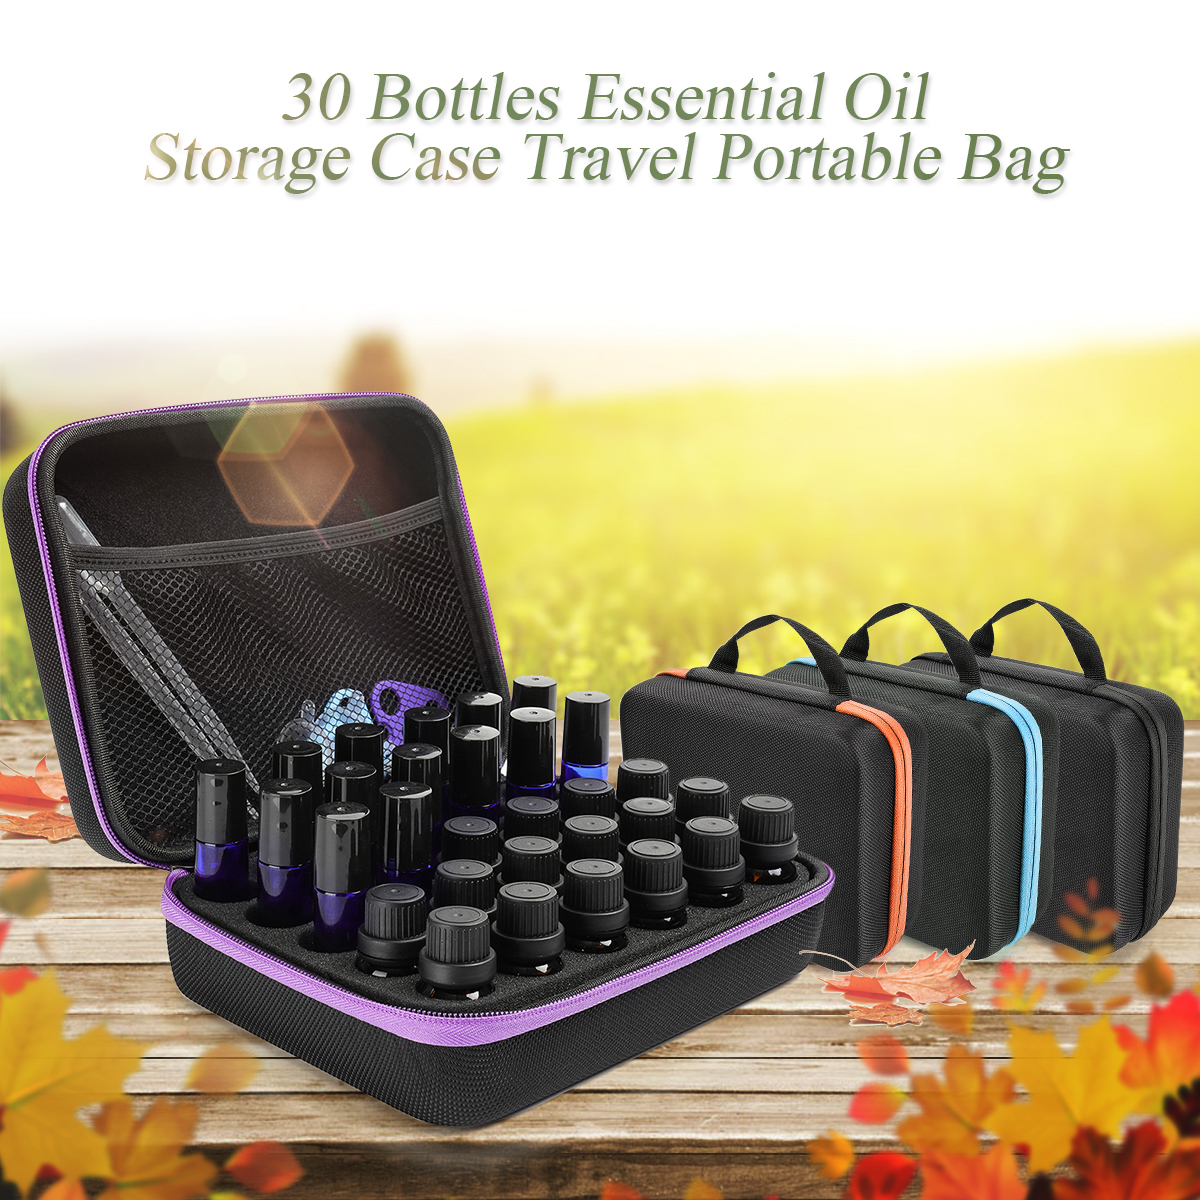 Ätherisches Öl Fall 30 Flaschen 5 ml 10 ml 15 ml Multicapacity Ätherisches Öl Box Tragen Tasche Nagellack Parfüm öl Lagerung Tasche